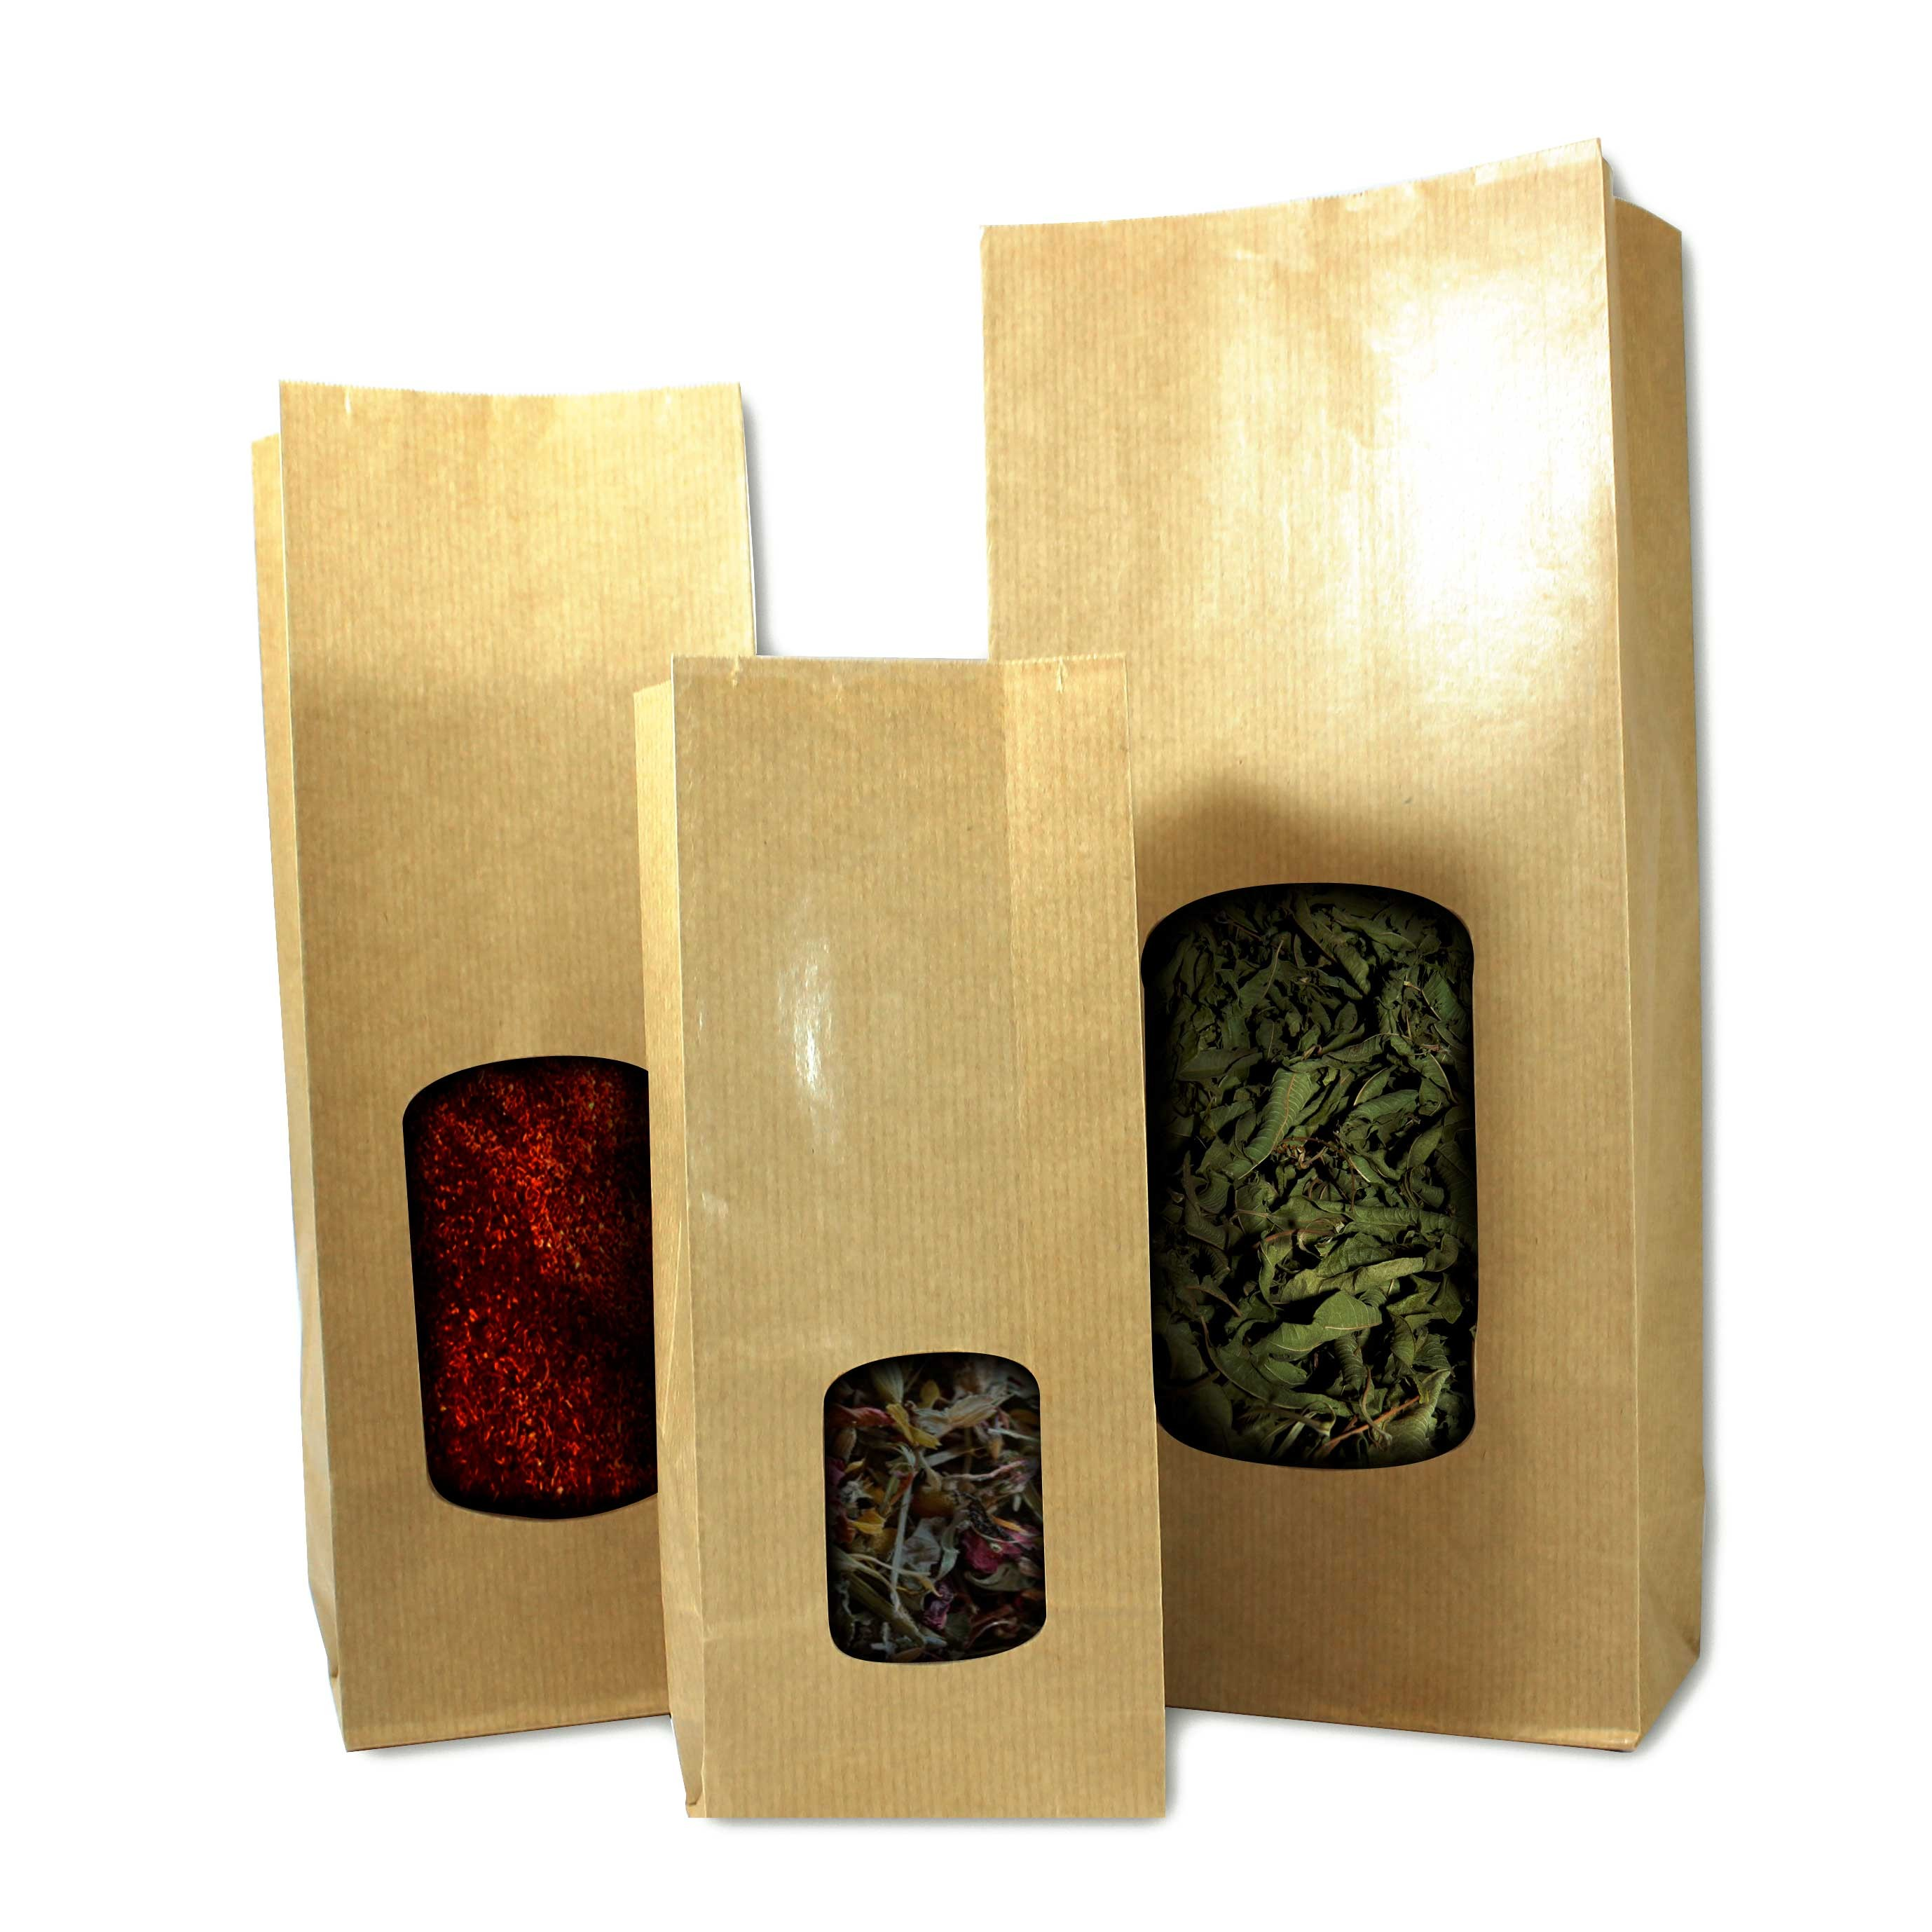 Sachet Papier Herboristerie 103 57x290mm Fenetre Par 100